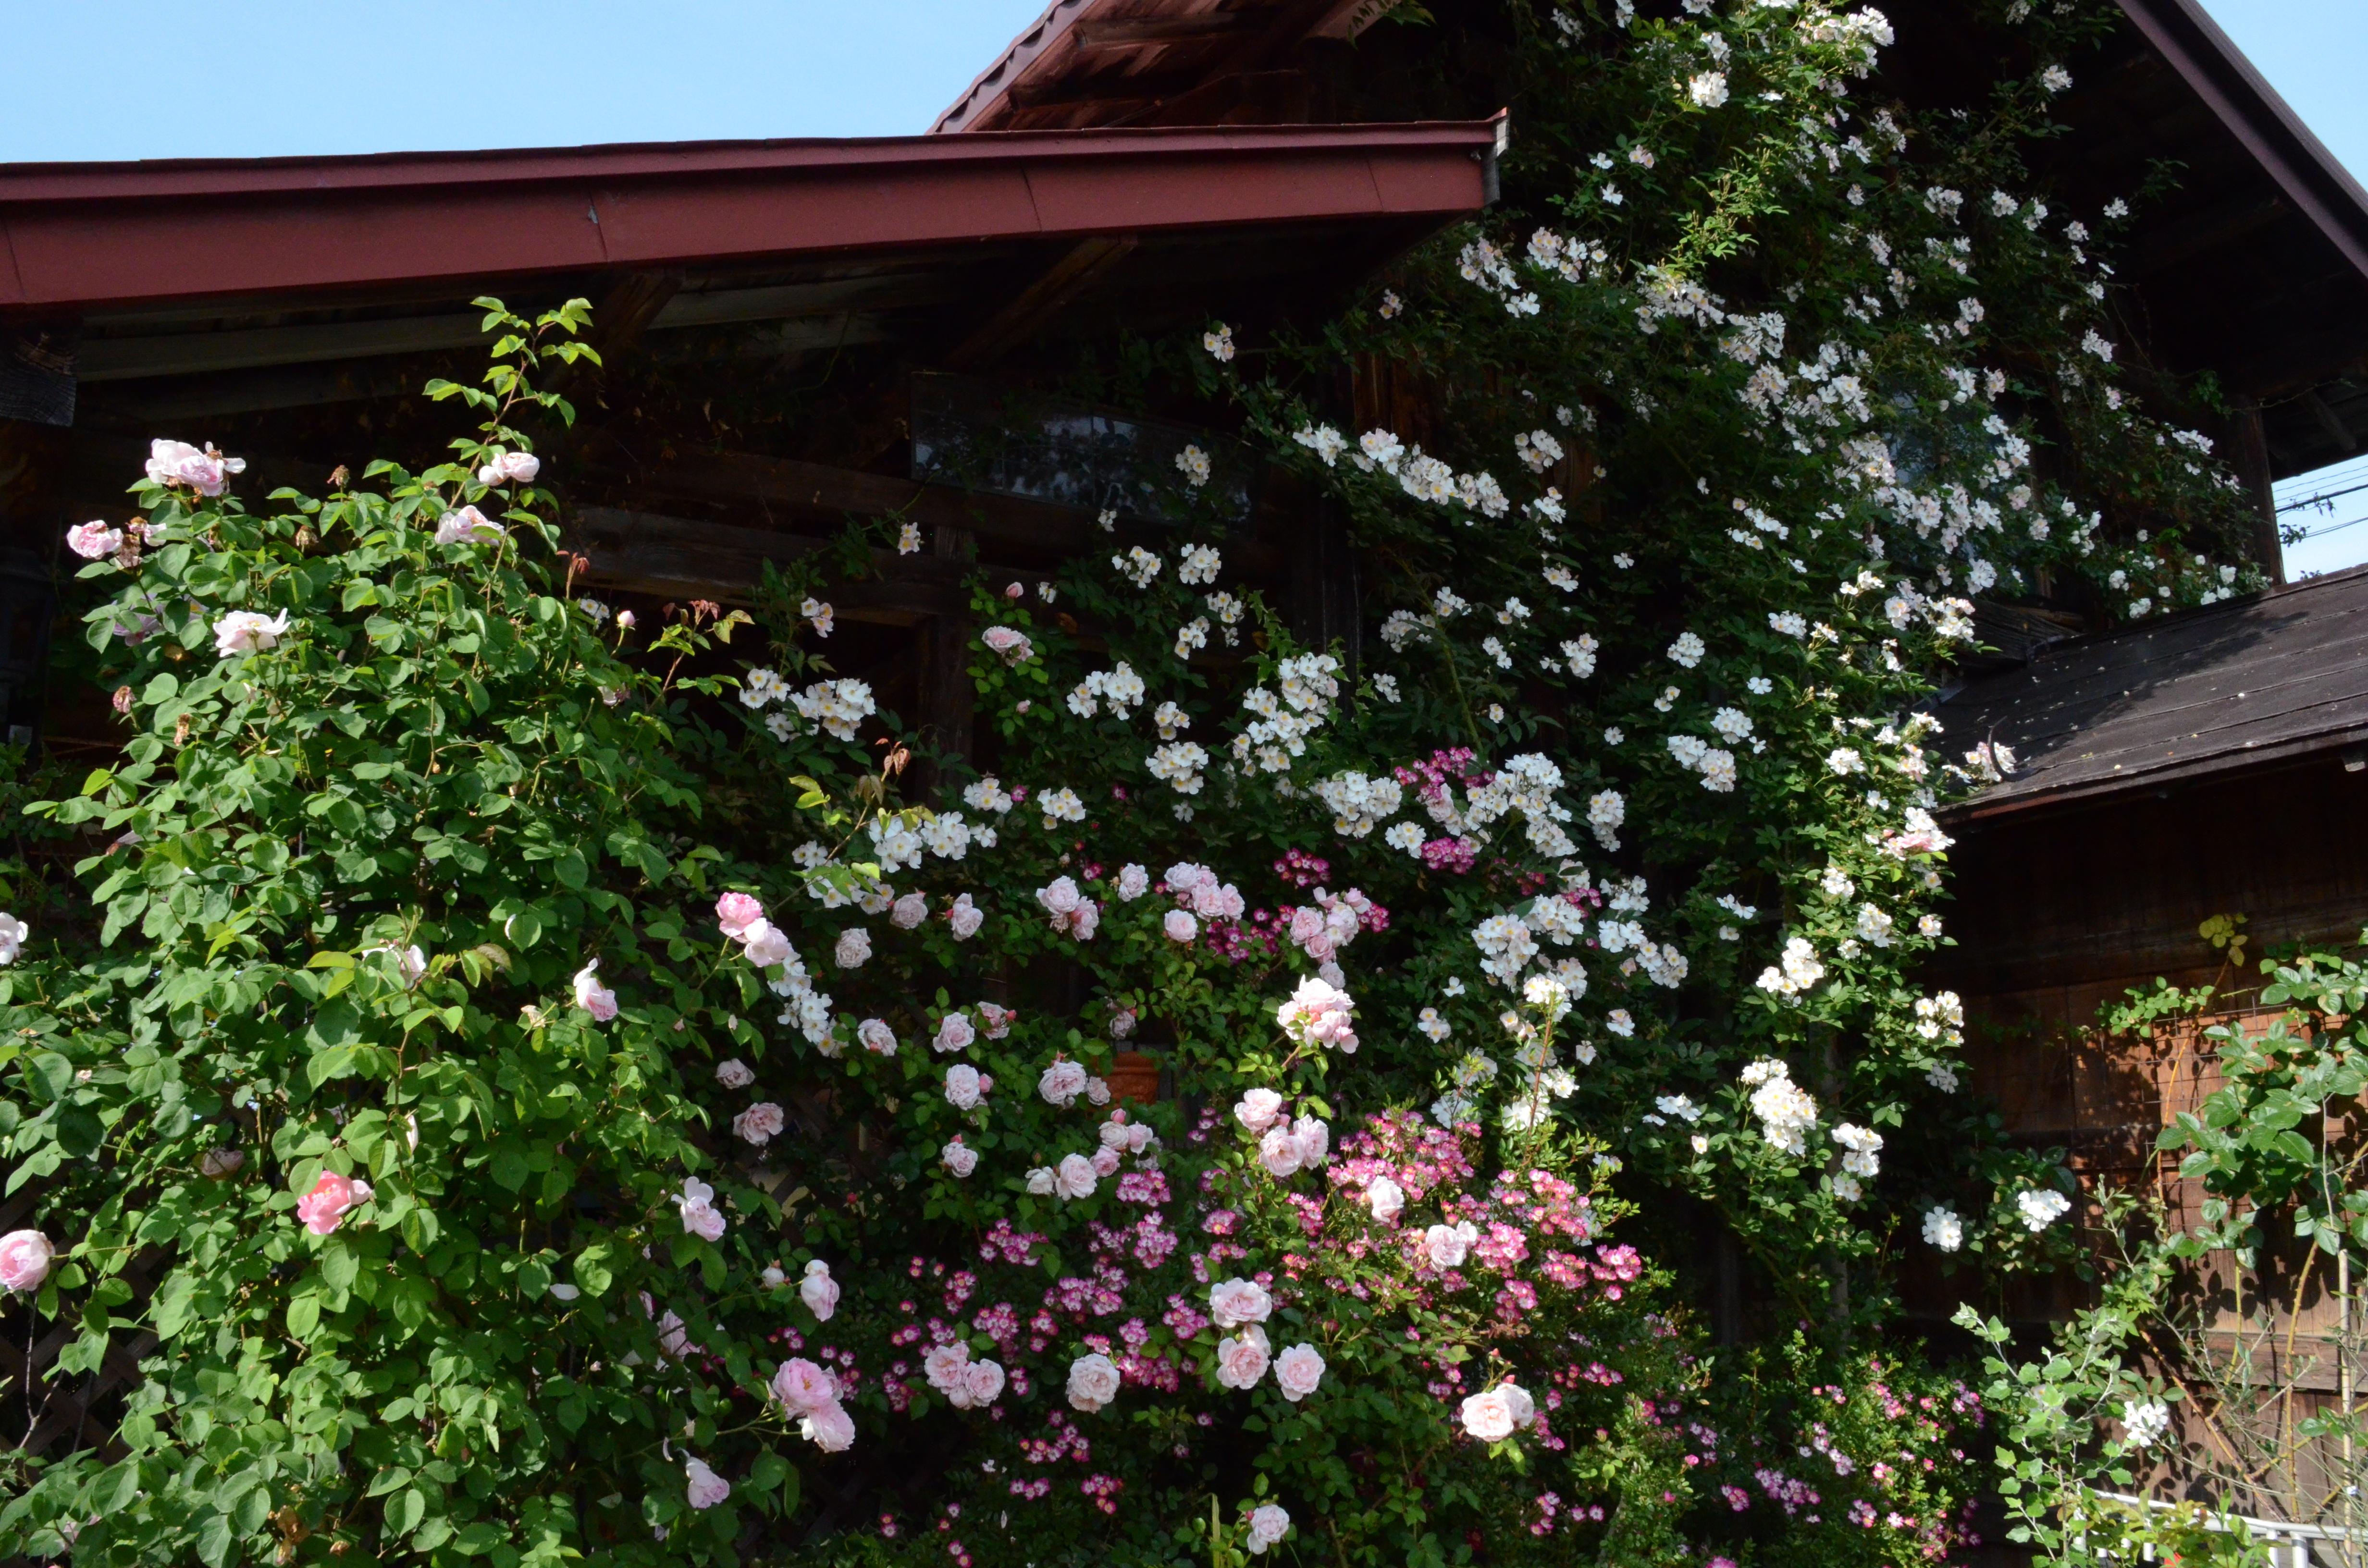 壁いちめん覆い尽くせり春の薔薇あるじが想いを語り咲きおり